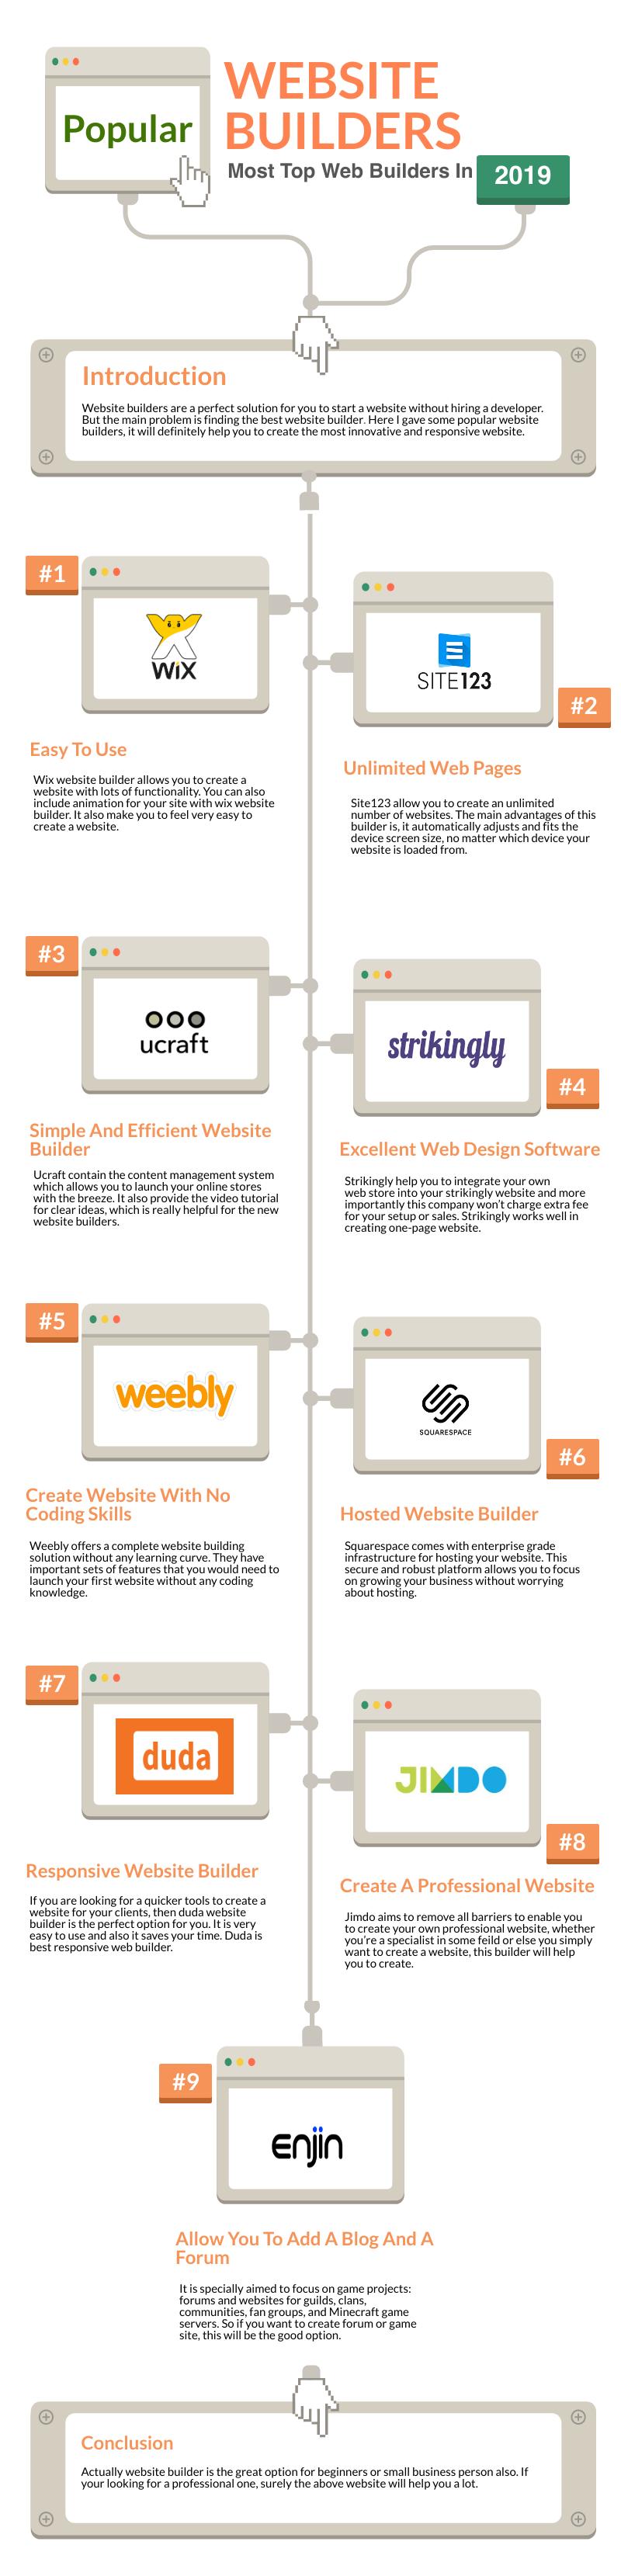 6 Golden Tips When Choosing A Website Builder #infographic